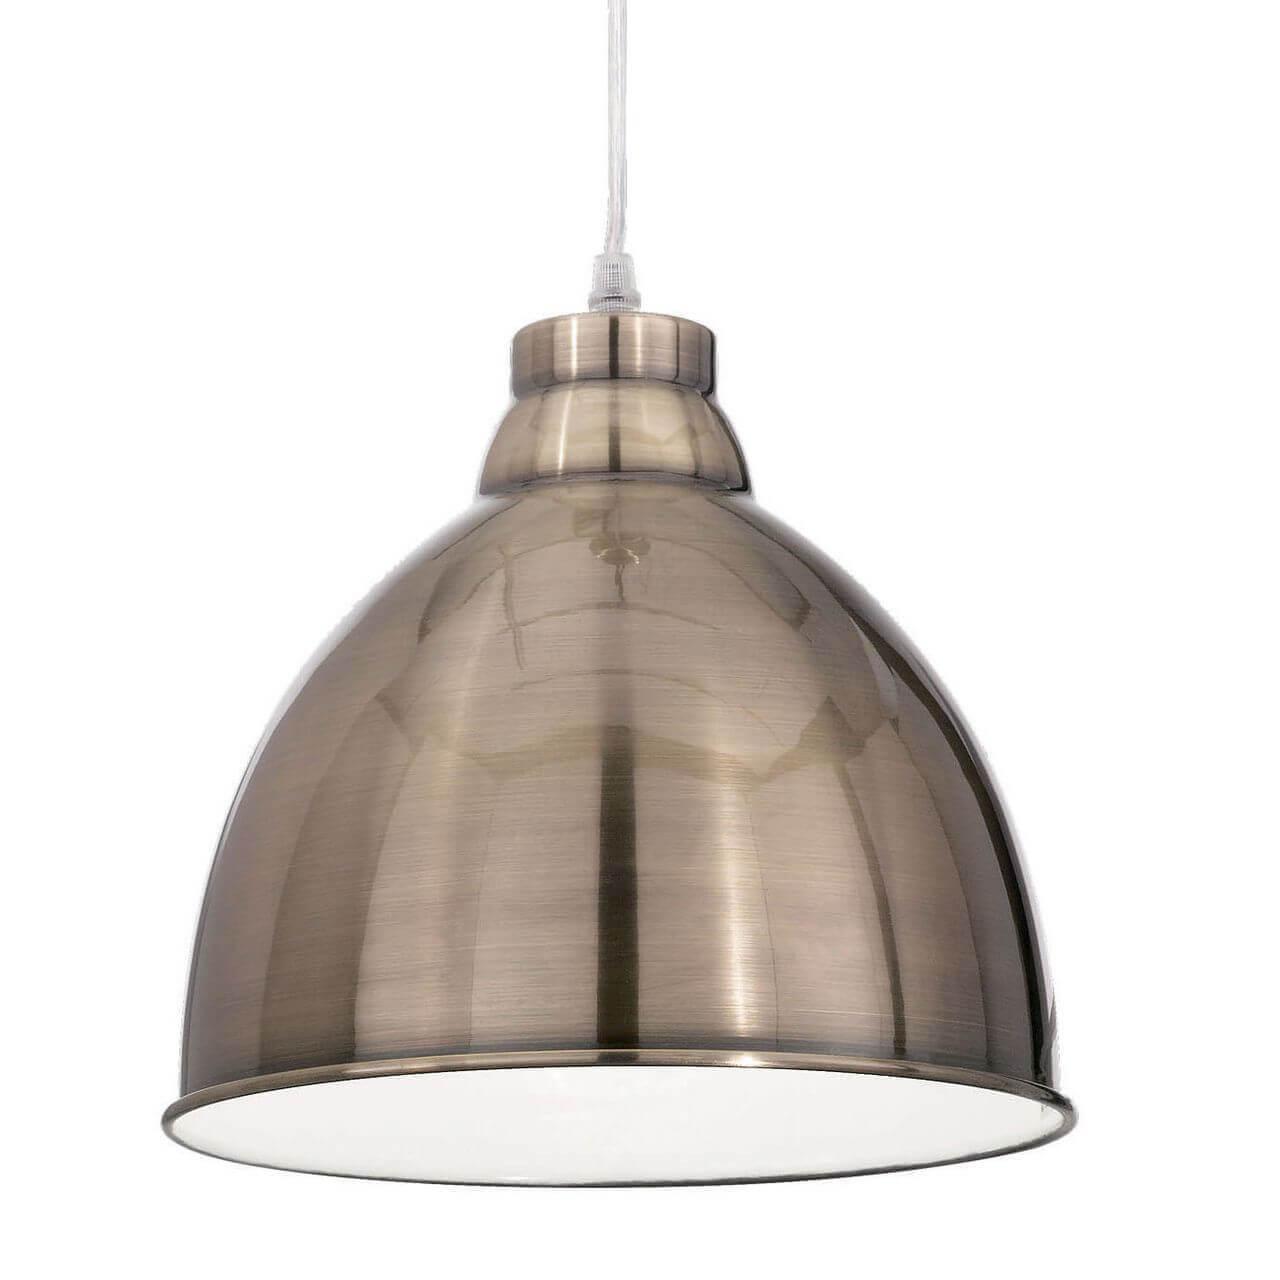 Подвесной светильник Ideal Lux Navy SP1 Brunito стоимость